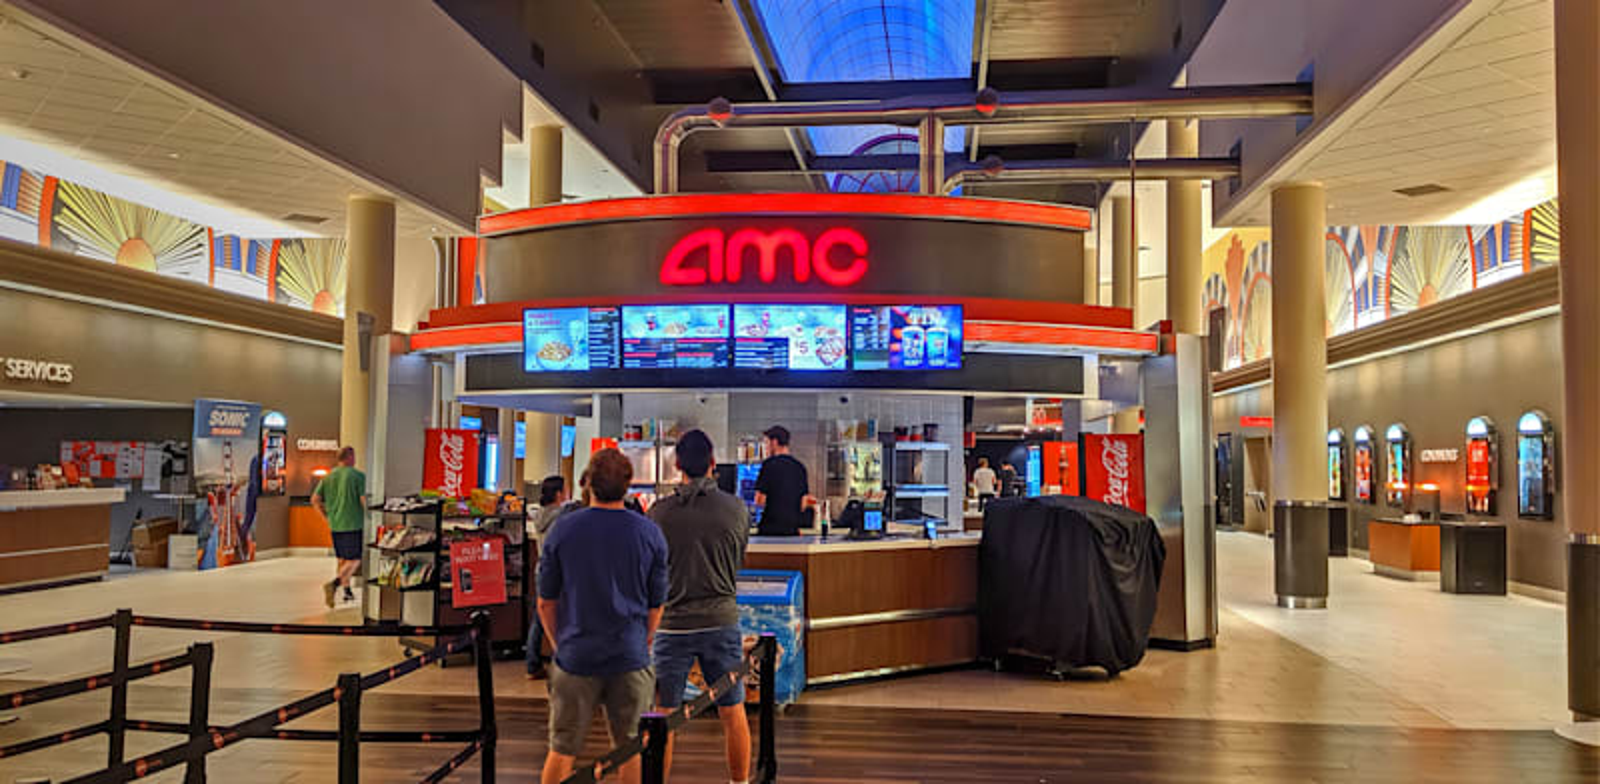 בית קולנוע של AMC / צילום: Shutterstock